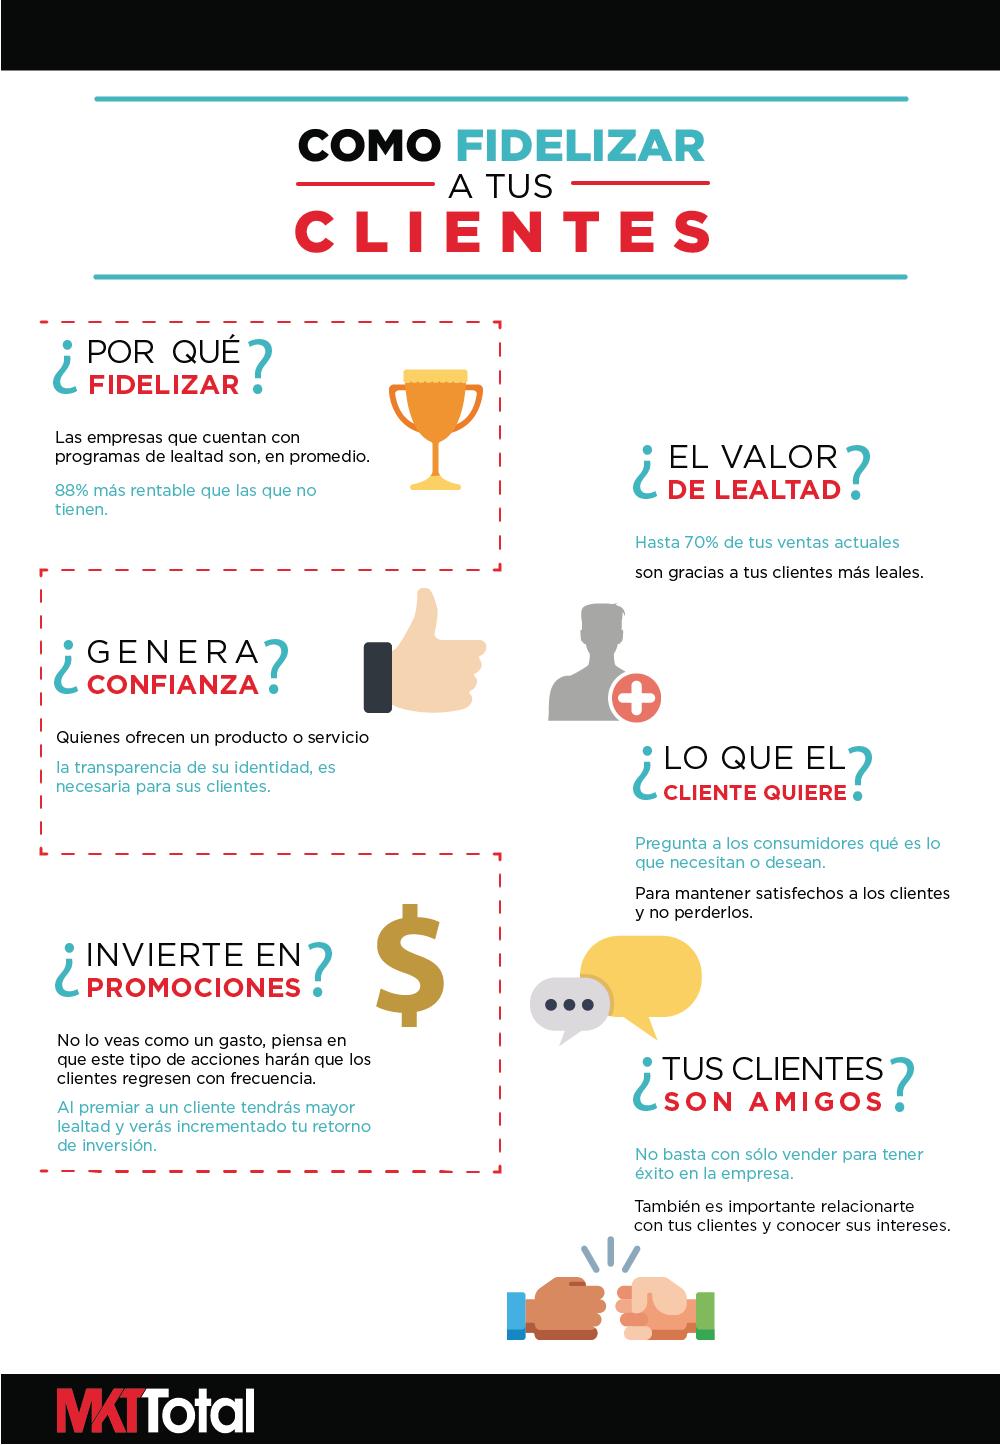 Como Fidelizar A Tus Clientes Marketing Para Restaurantes Consejos De Negocios Mercadeo Y Ventas